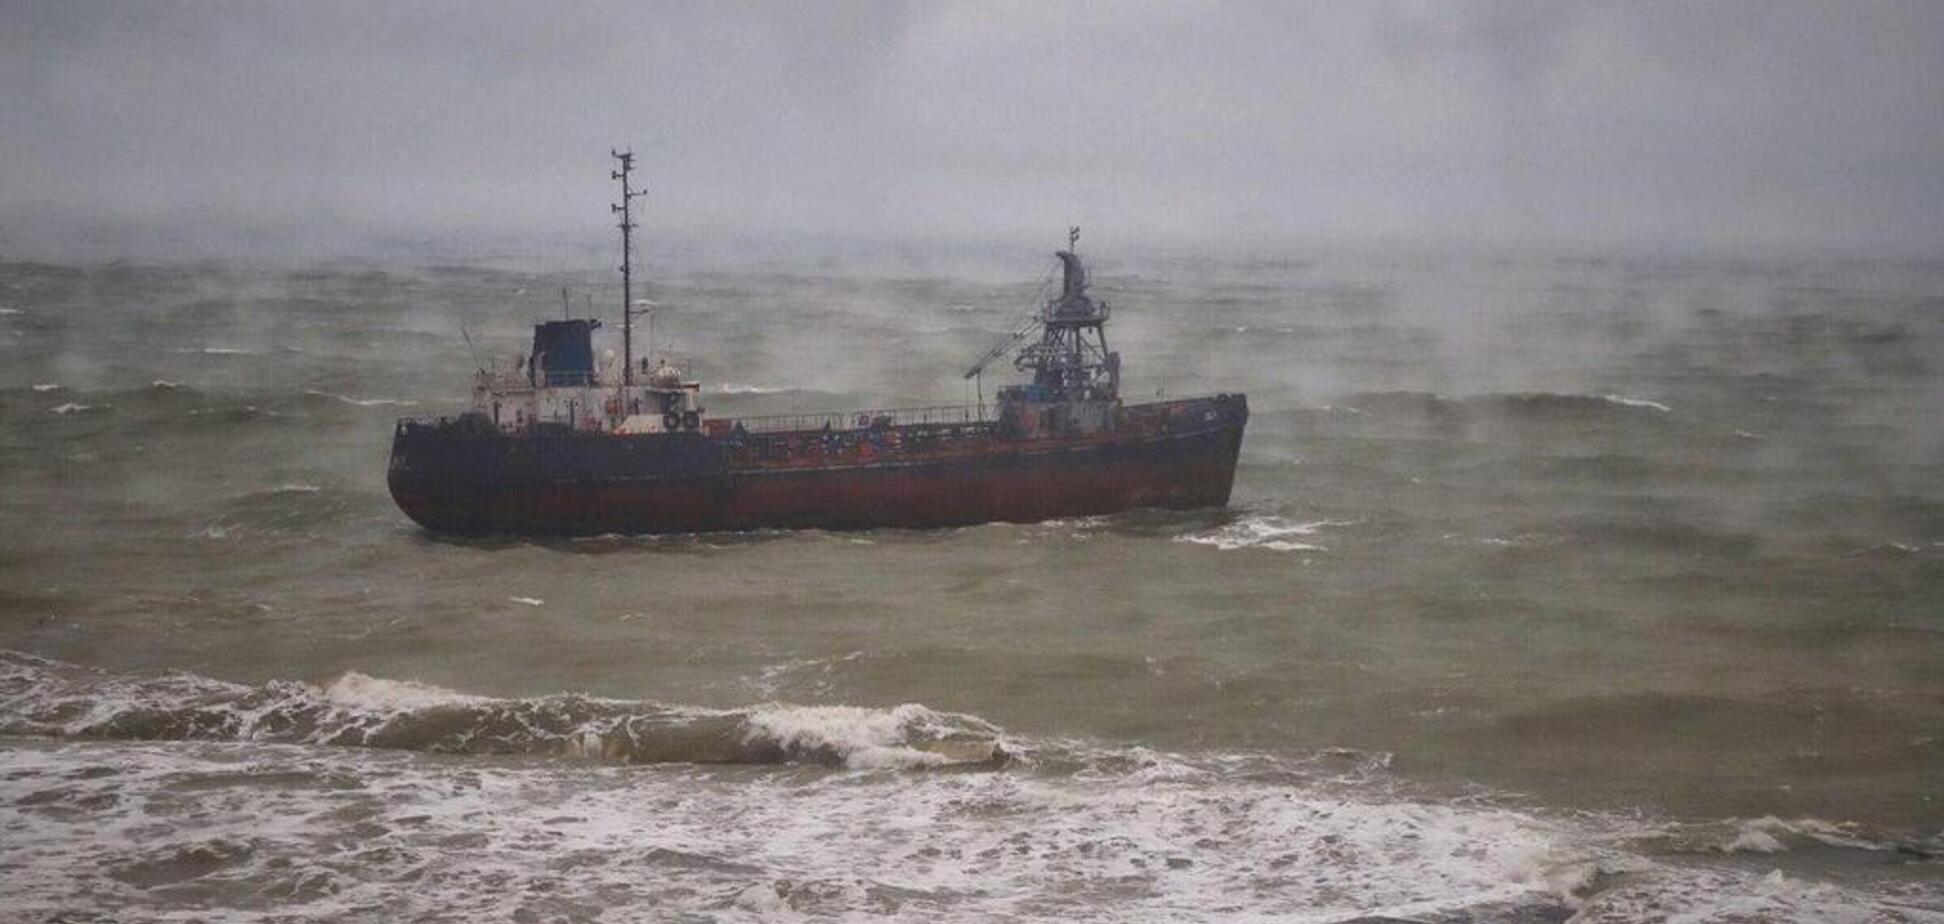 В Одессе корабль потерпел бедствие из-за страшного шторма. Фото и видео